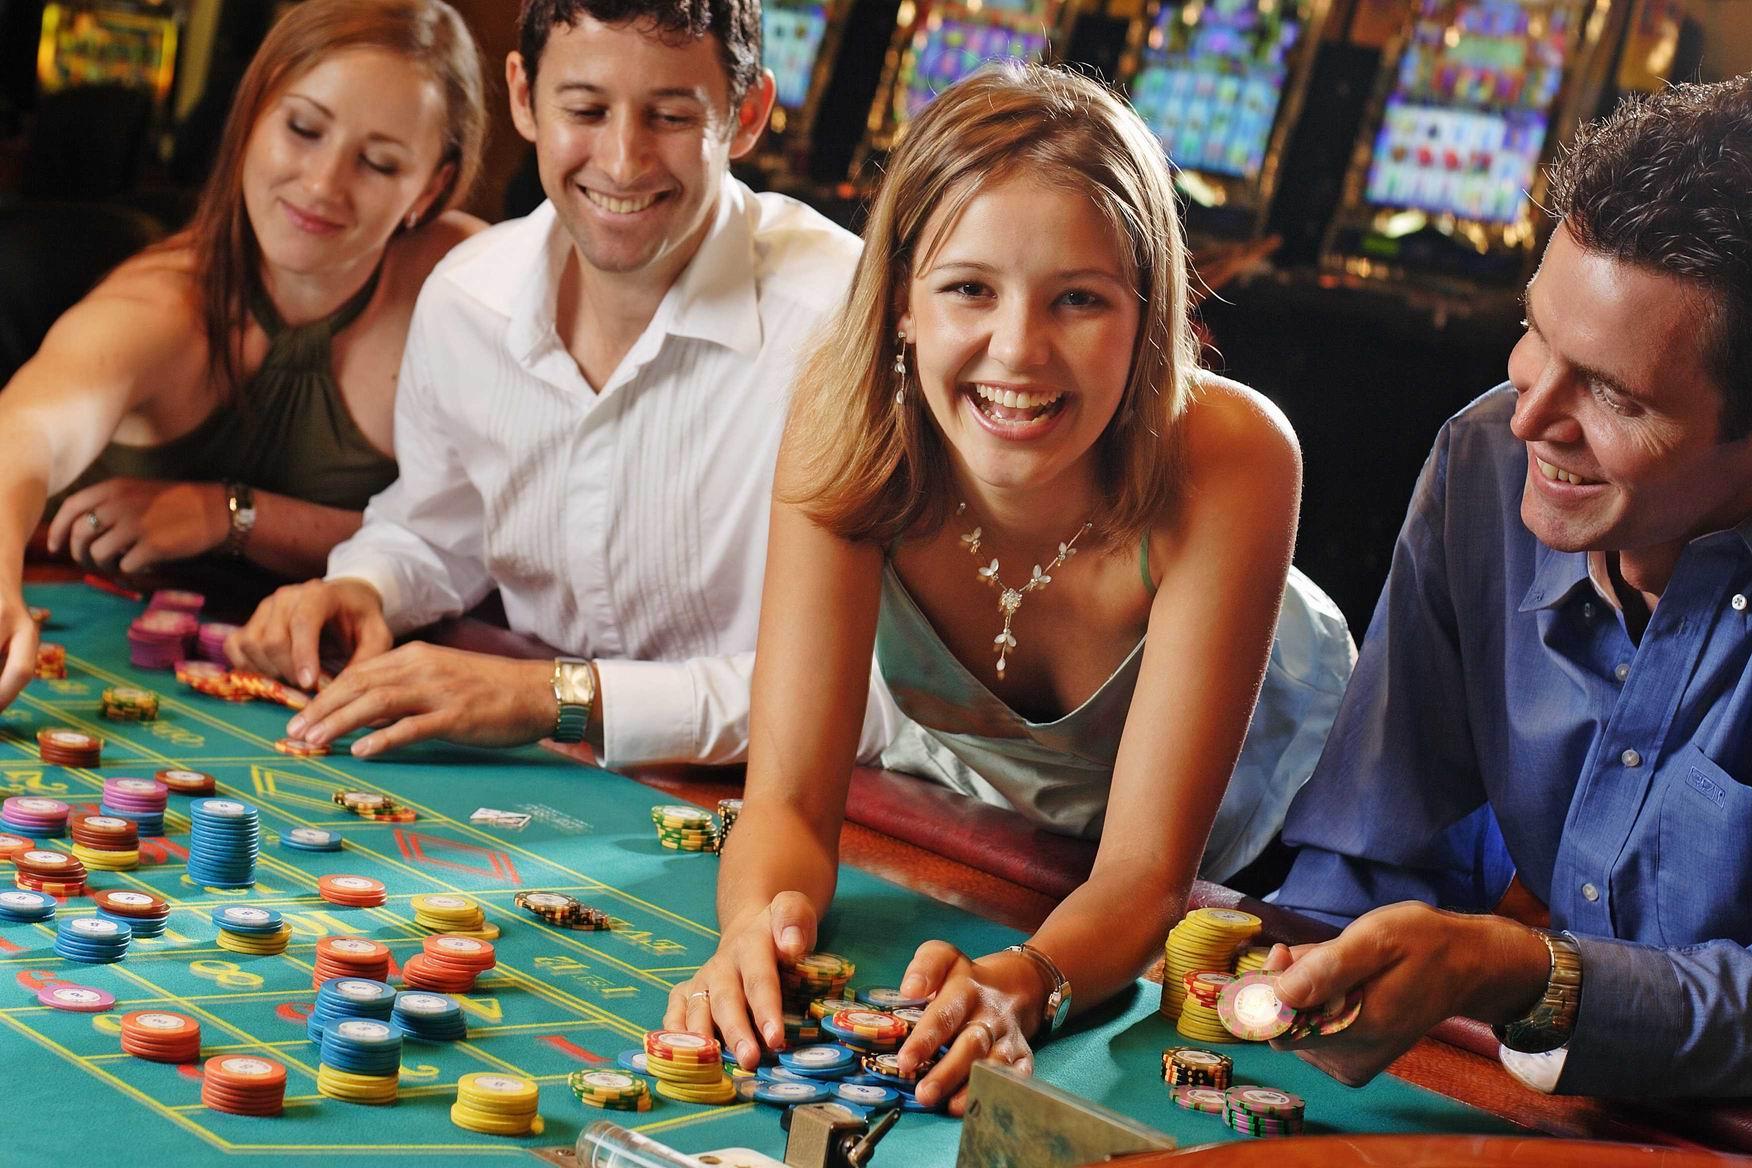 كيفية لعب البوكر - 63215